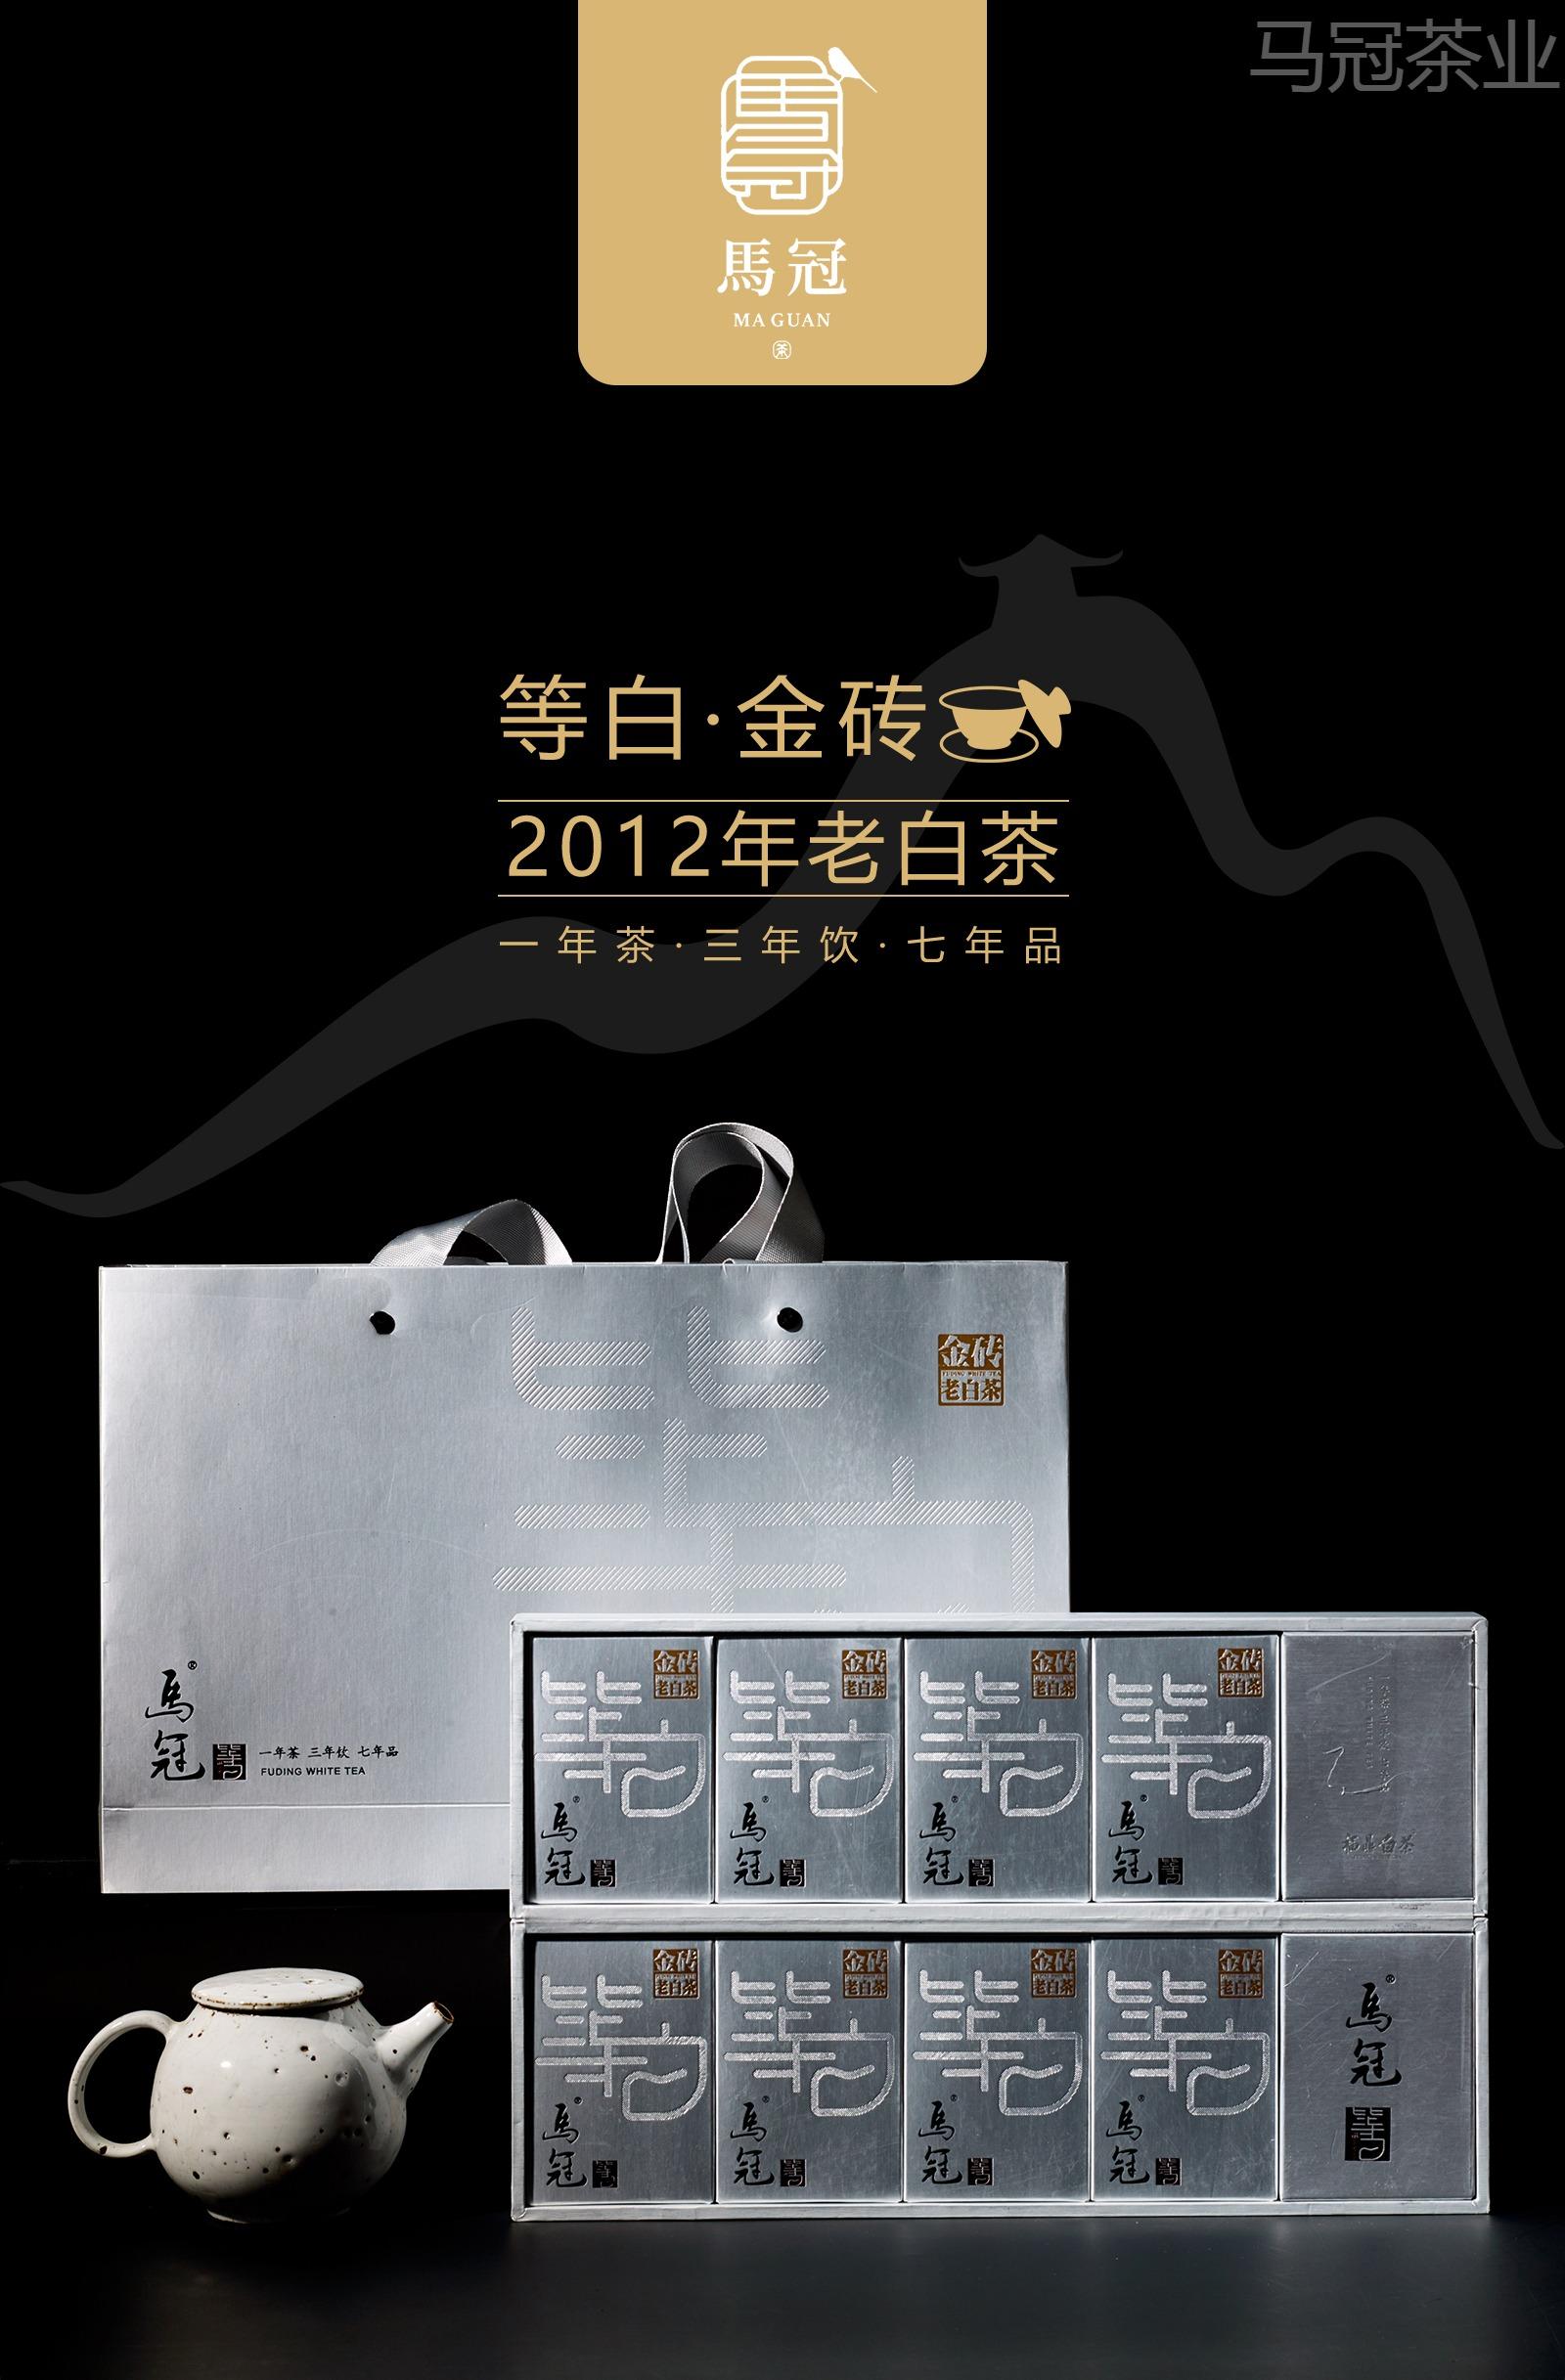 2012年金砖